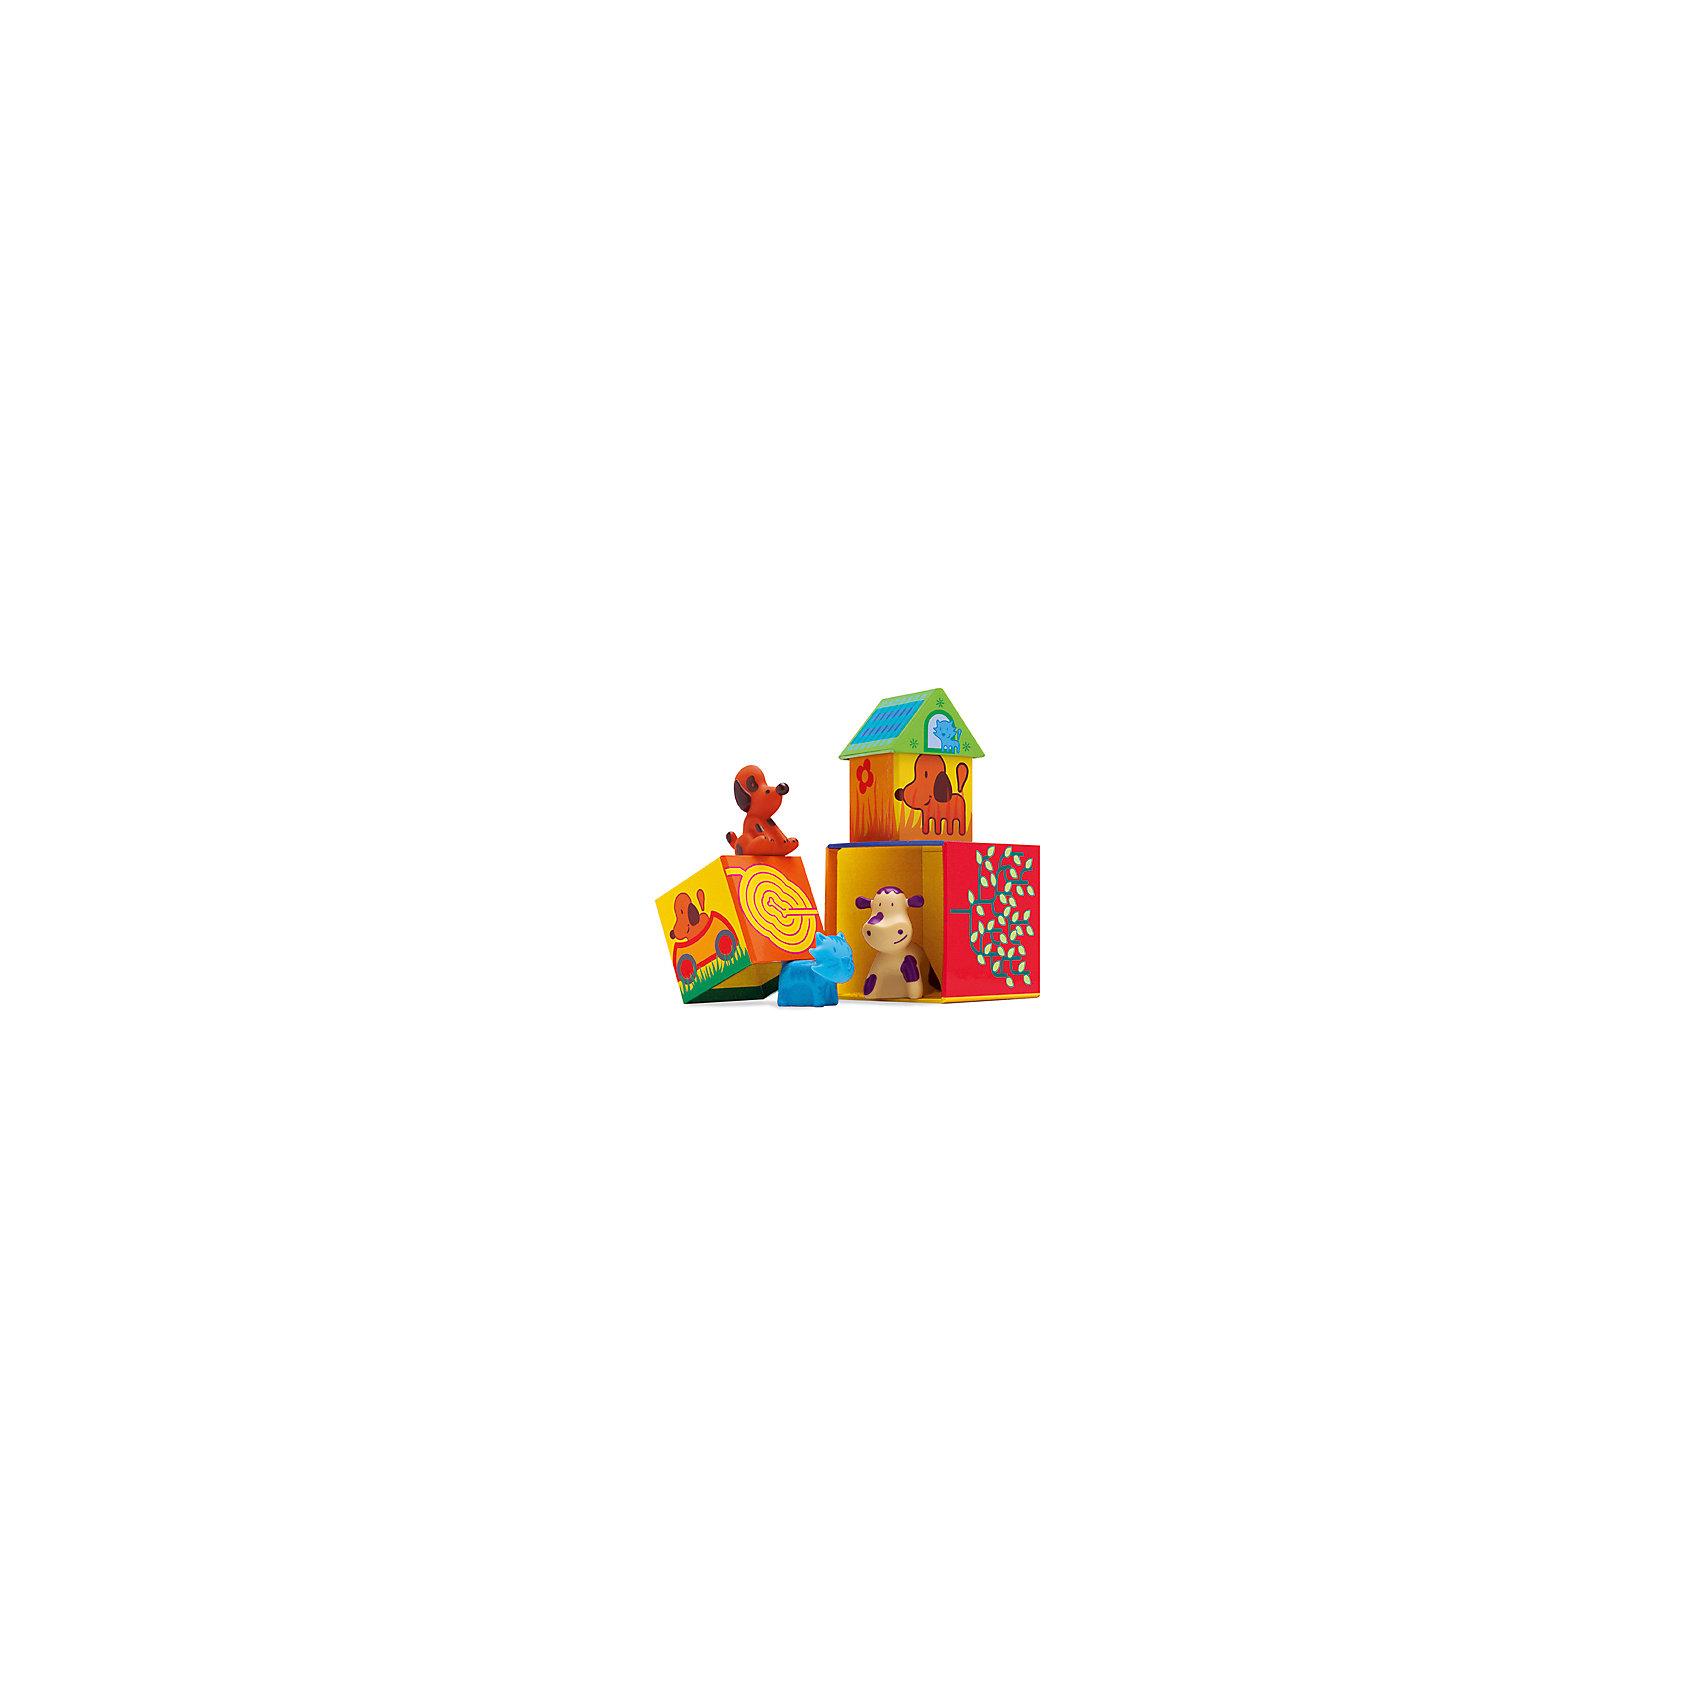 Набор Кубанимо ( 14 куб.+ 3 жив.) , DJECOРазвивающий набор «Кубанимо» - красочная и увлекательная игра для самых маленьких. Малышу предоставляется возможность создать чудо - городок для забавных зверят. А затем,  можно поиграть в сюжетно-ролевую игру, главную роль в которой возьмет на себя ребенок. Домики выполнены из плотного яркого картона, фигурки животных резиновые, игрушки экологически безопасны, приятны для детских ручек, и способствуют развитию тактильных  ощущений. Набор для детского развития идеально подходит для игры вместе с другими детьми. <br><br>Дополнительная информация:<br><br>- Материал: картон, пластик, резина.<br>- Размер упаковки: 21х24х15 см.<br>- Комплектация: 3 фигурки, 14 кубиков, инструкция.<br>- Количество игроков: 1 - 3 <br><br>Набор Кубанимо ( 14 куб.+ 3 жив.) , DJECO (Джеко), можно купить в нашем магазине.<br><br>Ширина мм: 210<br>Глубина мм: 235<br>Высота мм: 150<br>Вес г: 260<br>Возраст от месяцев: 18<br>Возраст до месяцев: 36<br>Пол: Унисекс<br>Возраст: Детский<br>SKU: 4051902